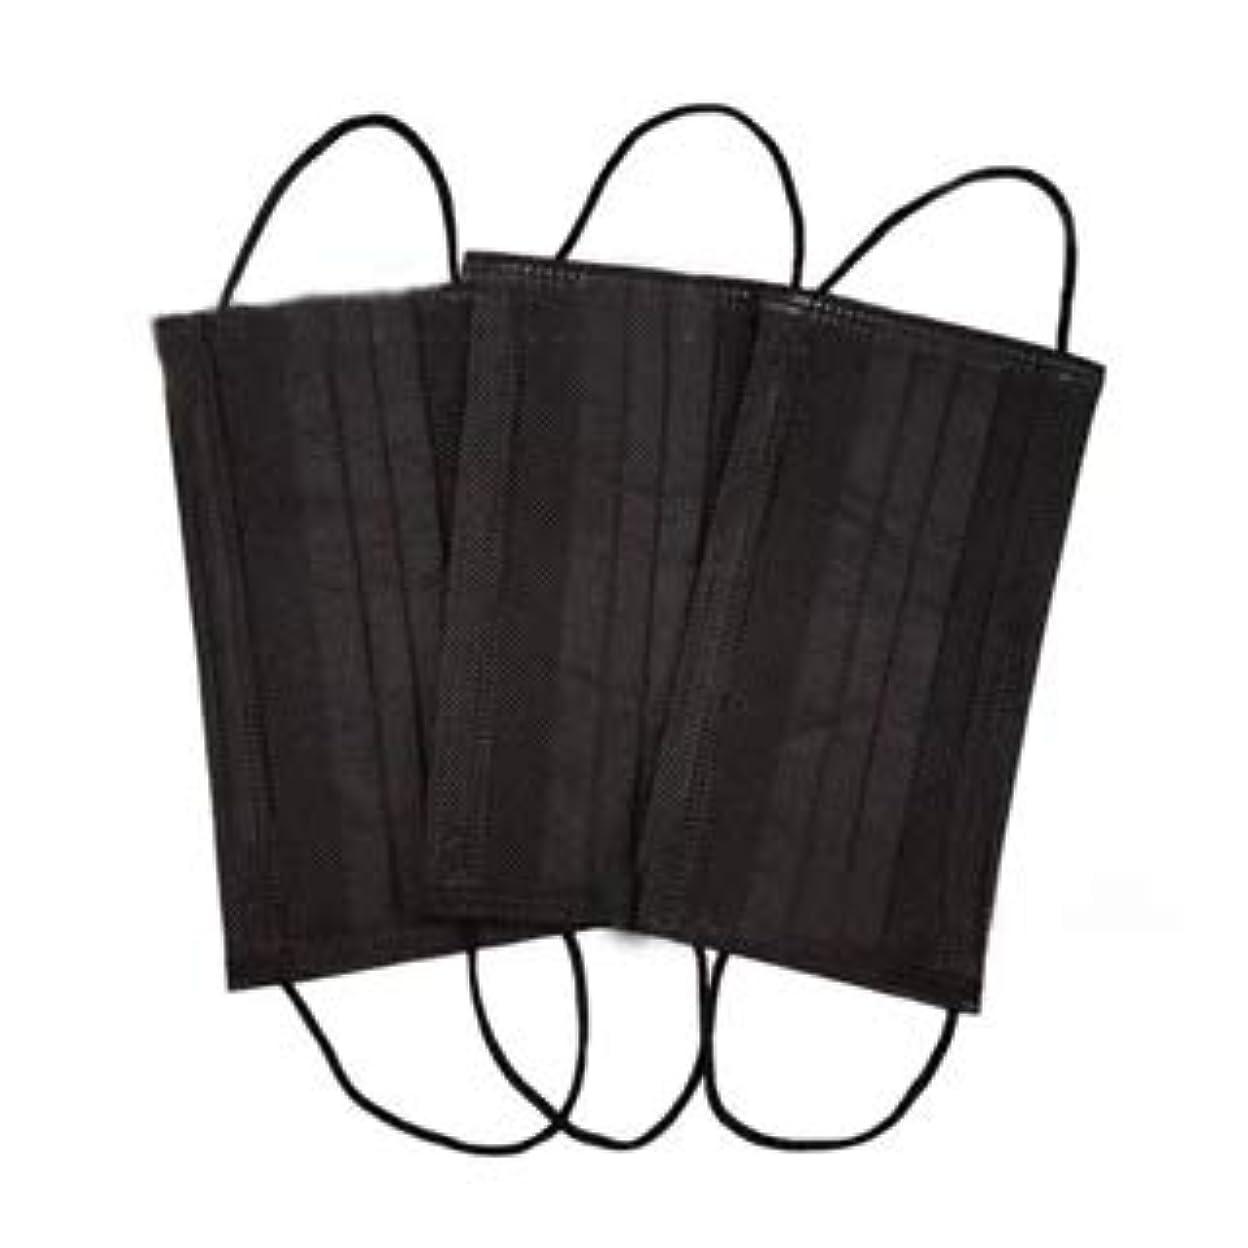 ボーダー相対性理論比率使い捨てマスク ブラック 6枚入り 不織布 フェイスマスク mask 黒